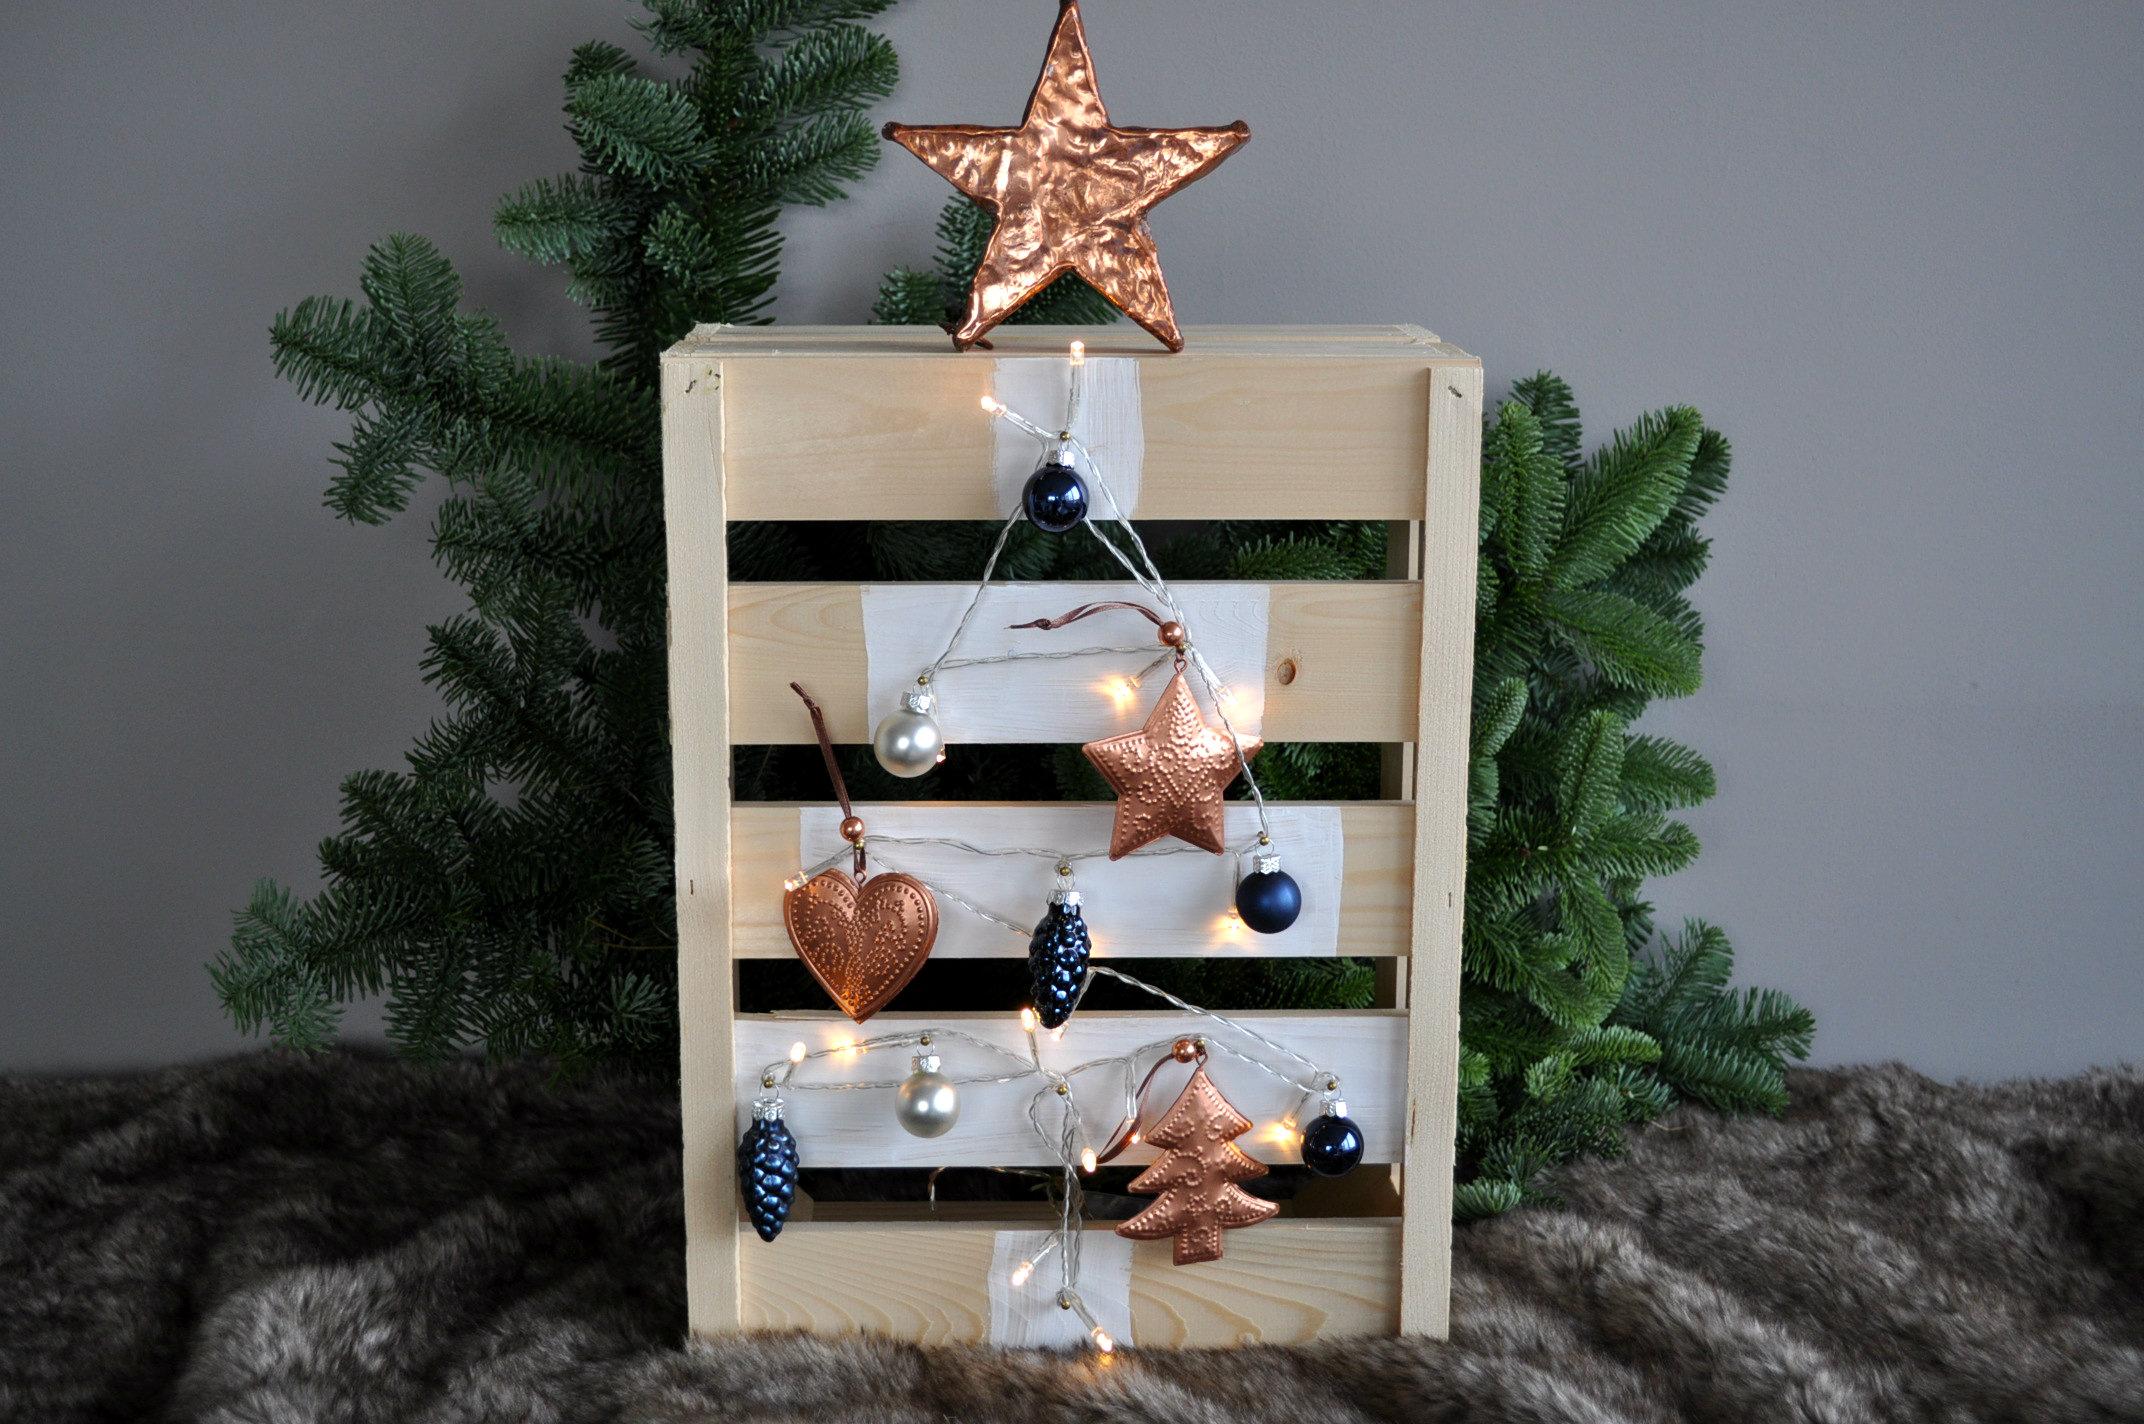 Houten kerstboom maken van een fruitkistje - Hoe je een tiener van kamer te versieren ...